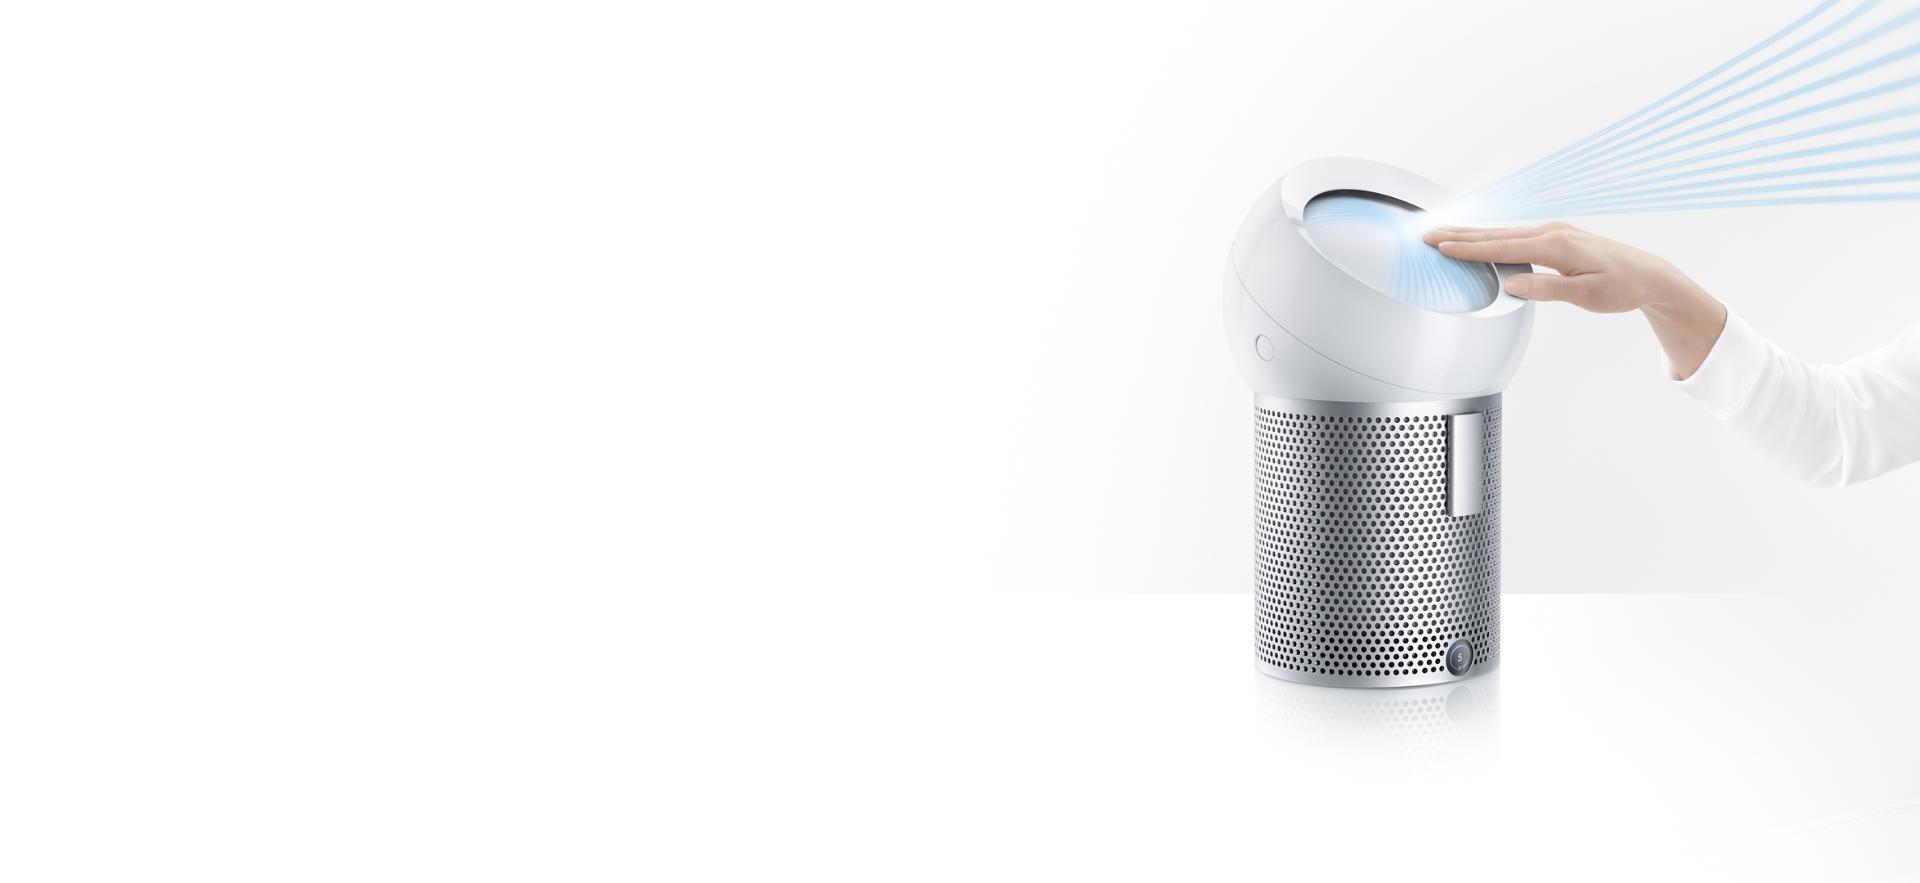 Dyson Pure Cool Me™ odaklanmış temiz havayı dağıtıyor.